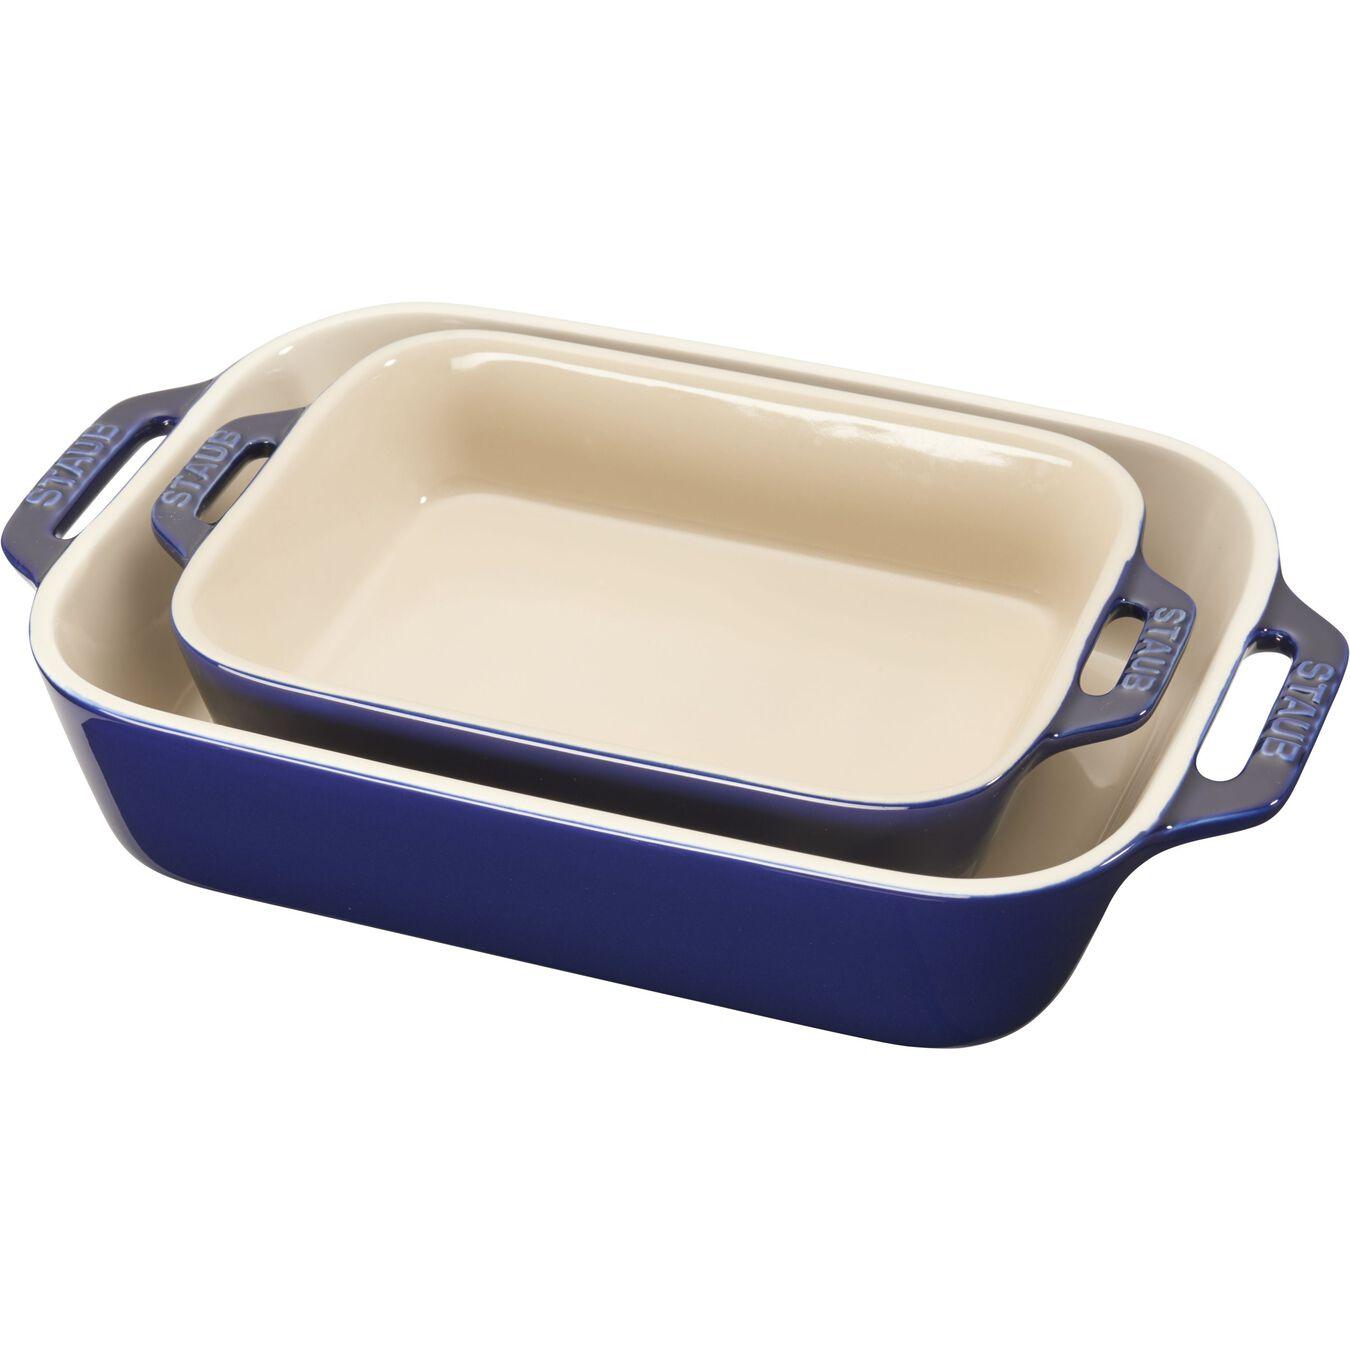 2-pc Rectangular Baking Dish Set - Dark Blue,,large 1